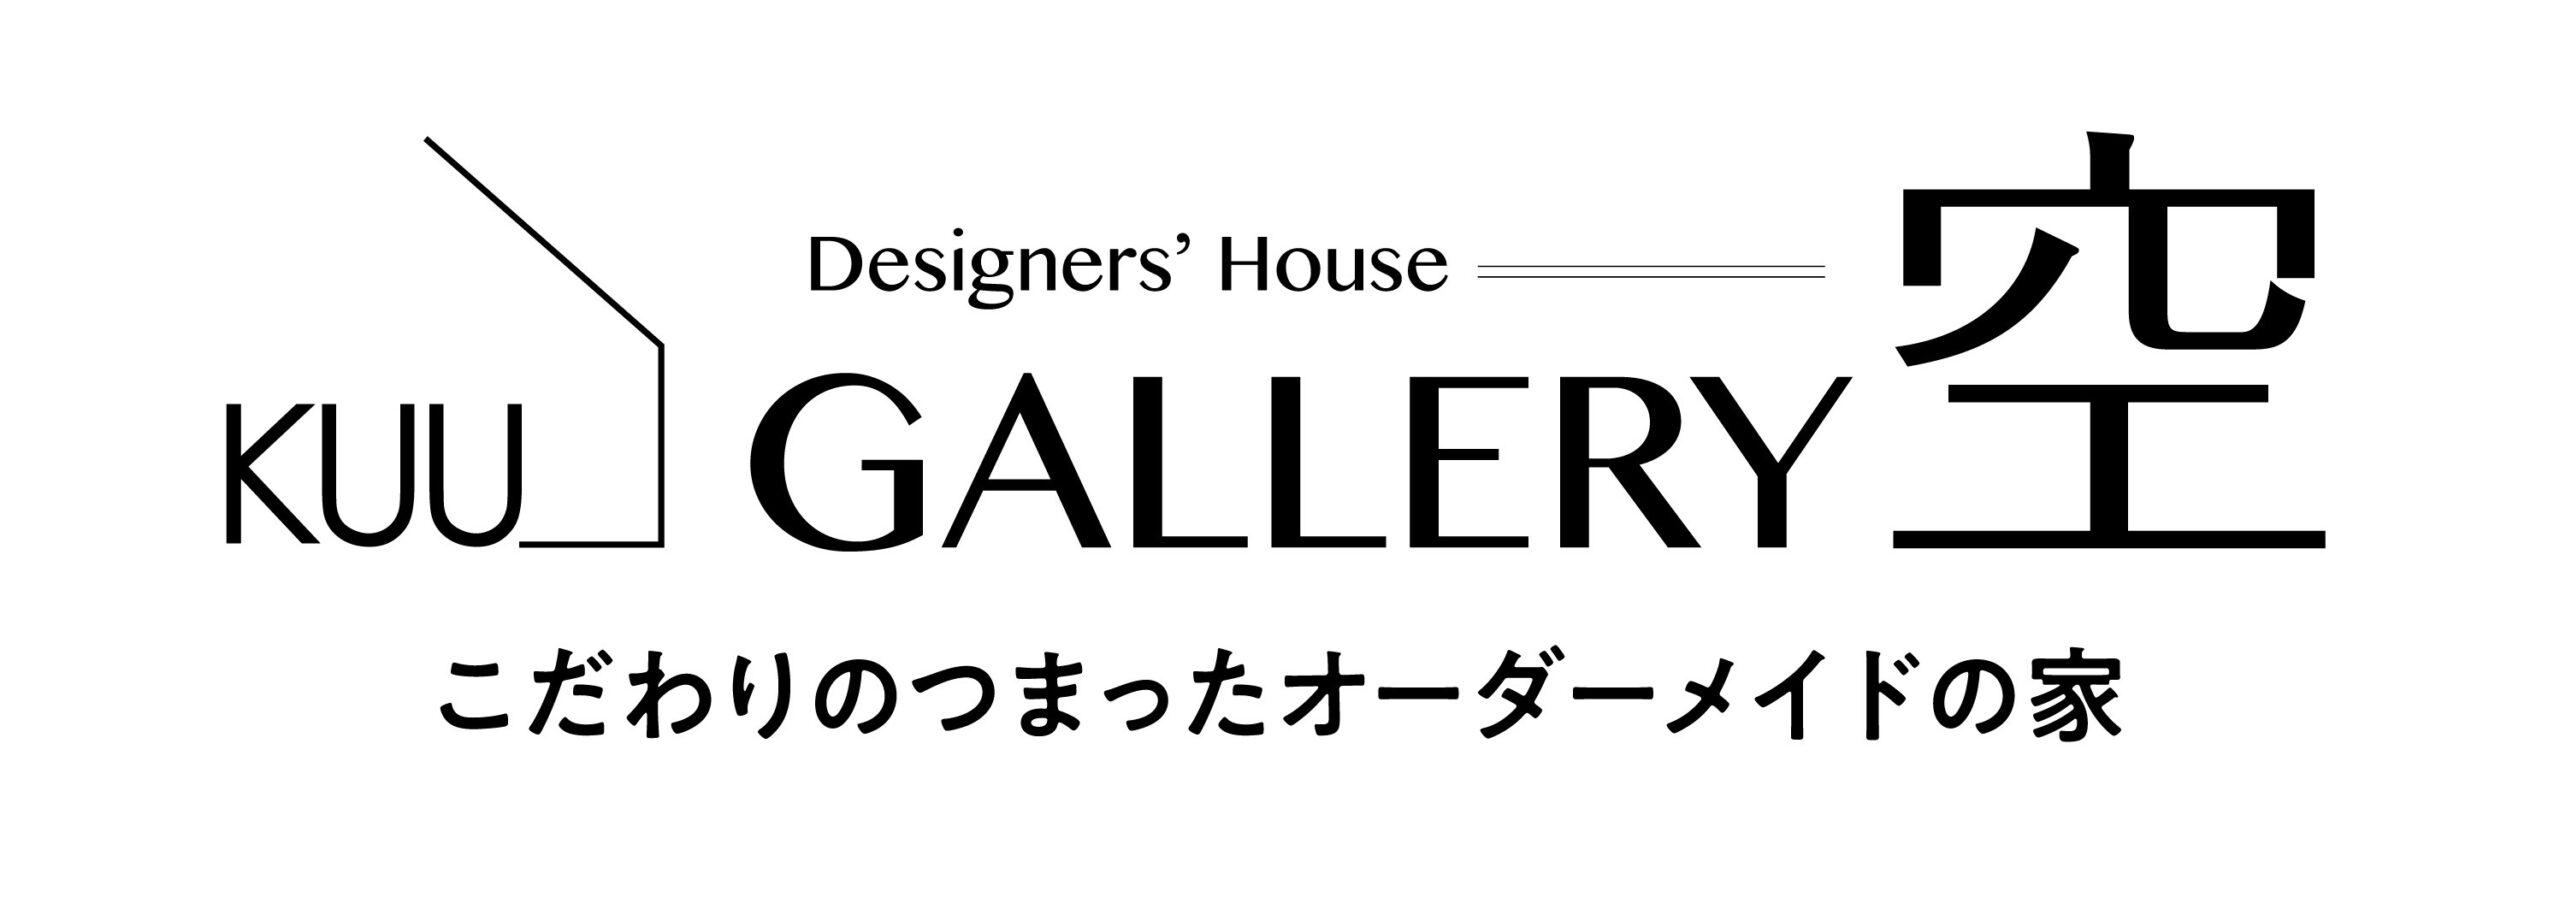 株式会社GALLERY空 ロゴ